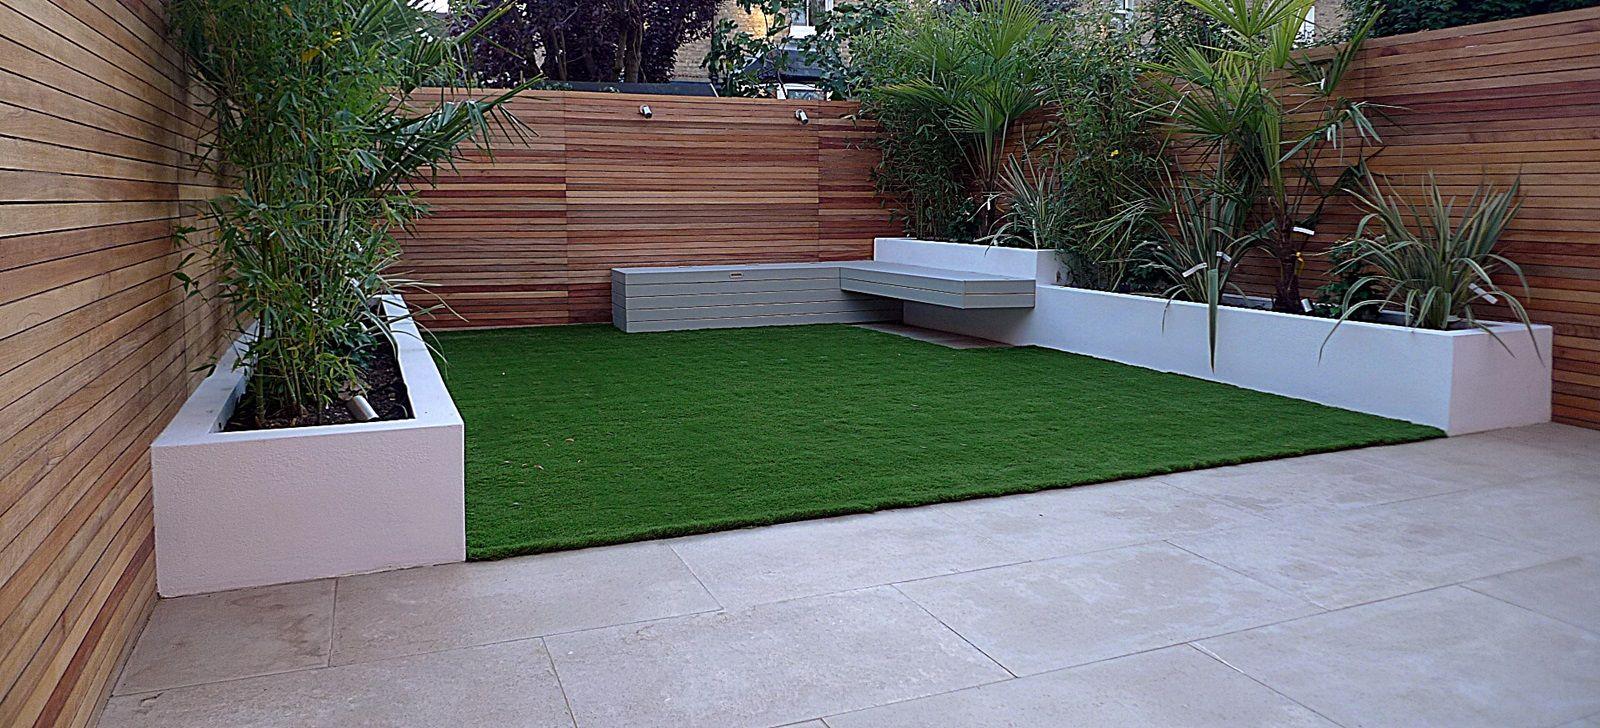 wooden-modern-garden-railing-wall-ideas-with-green-grass ...